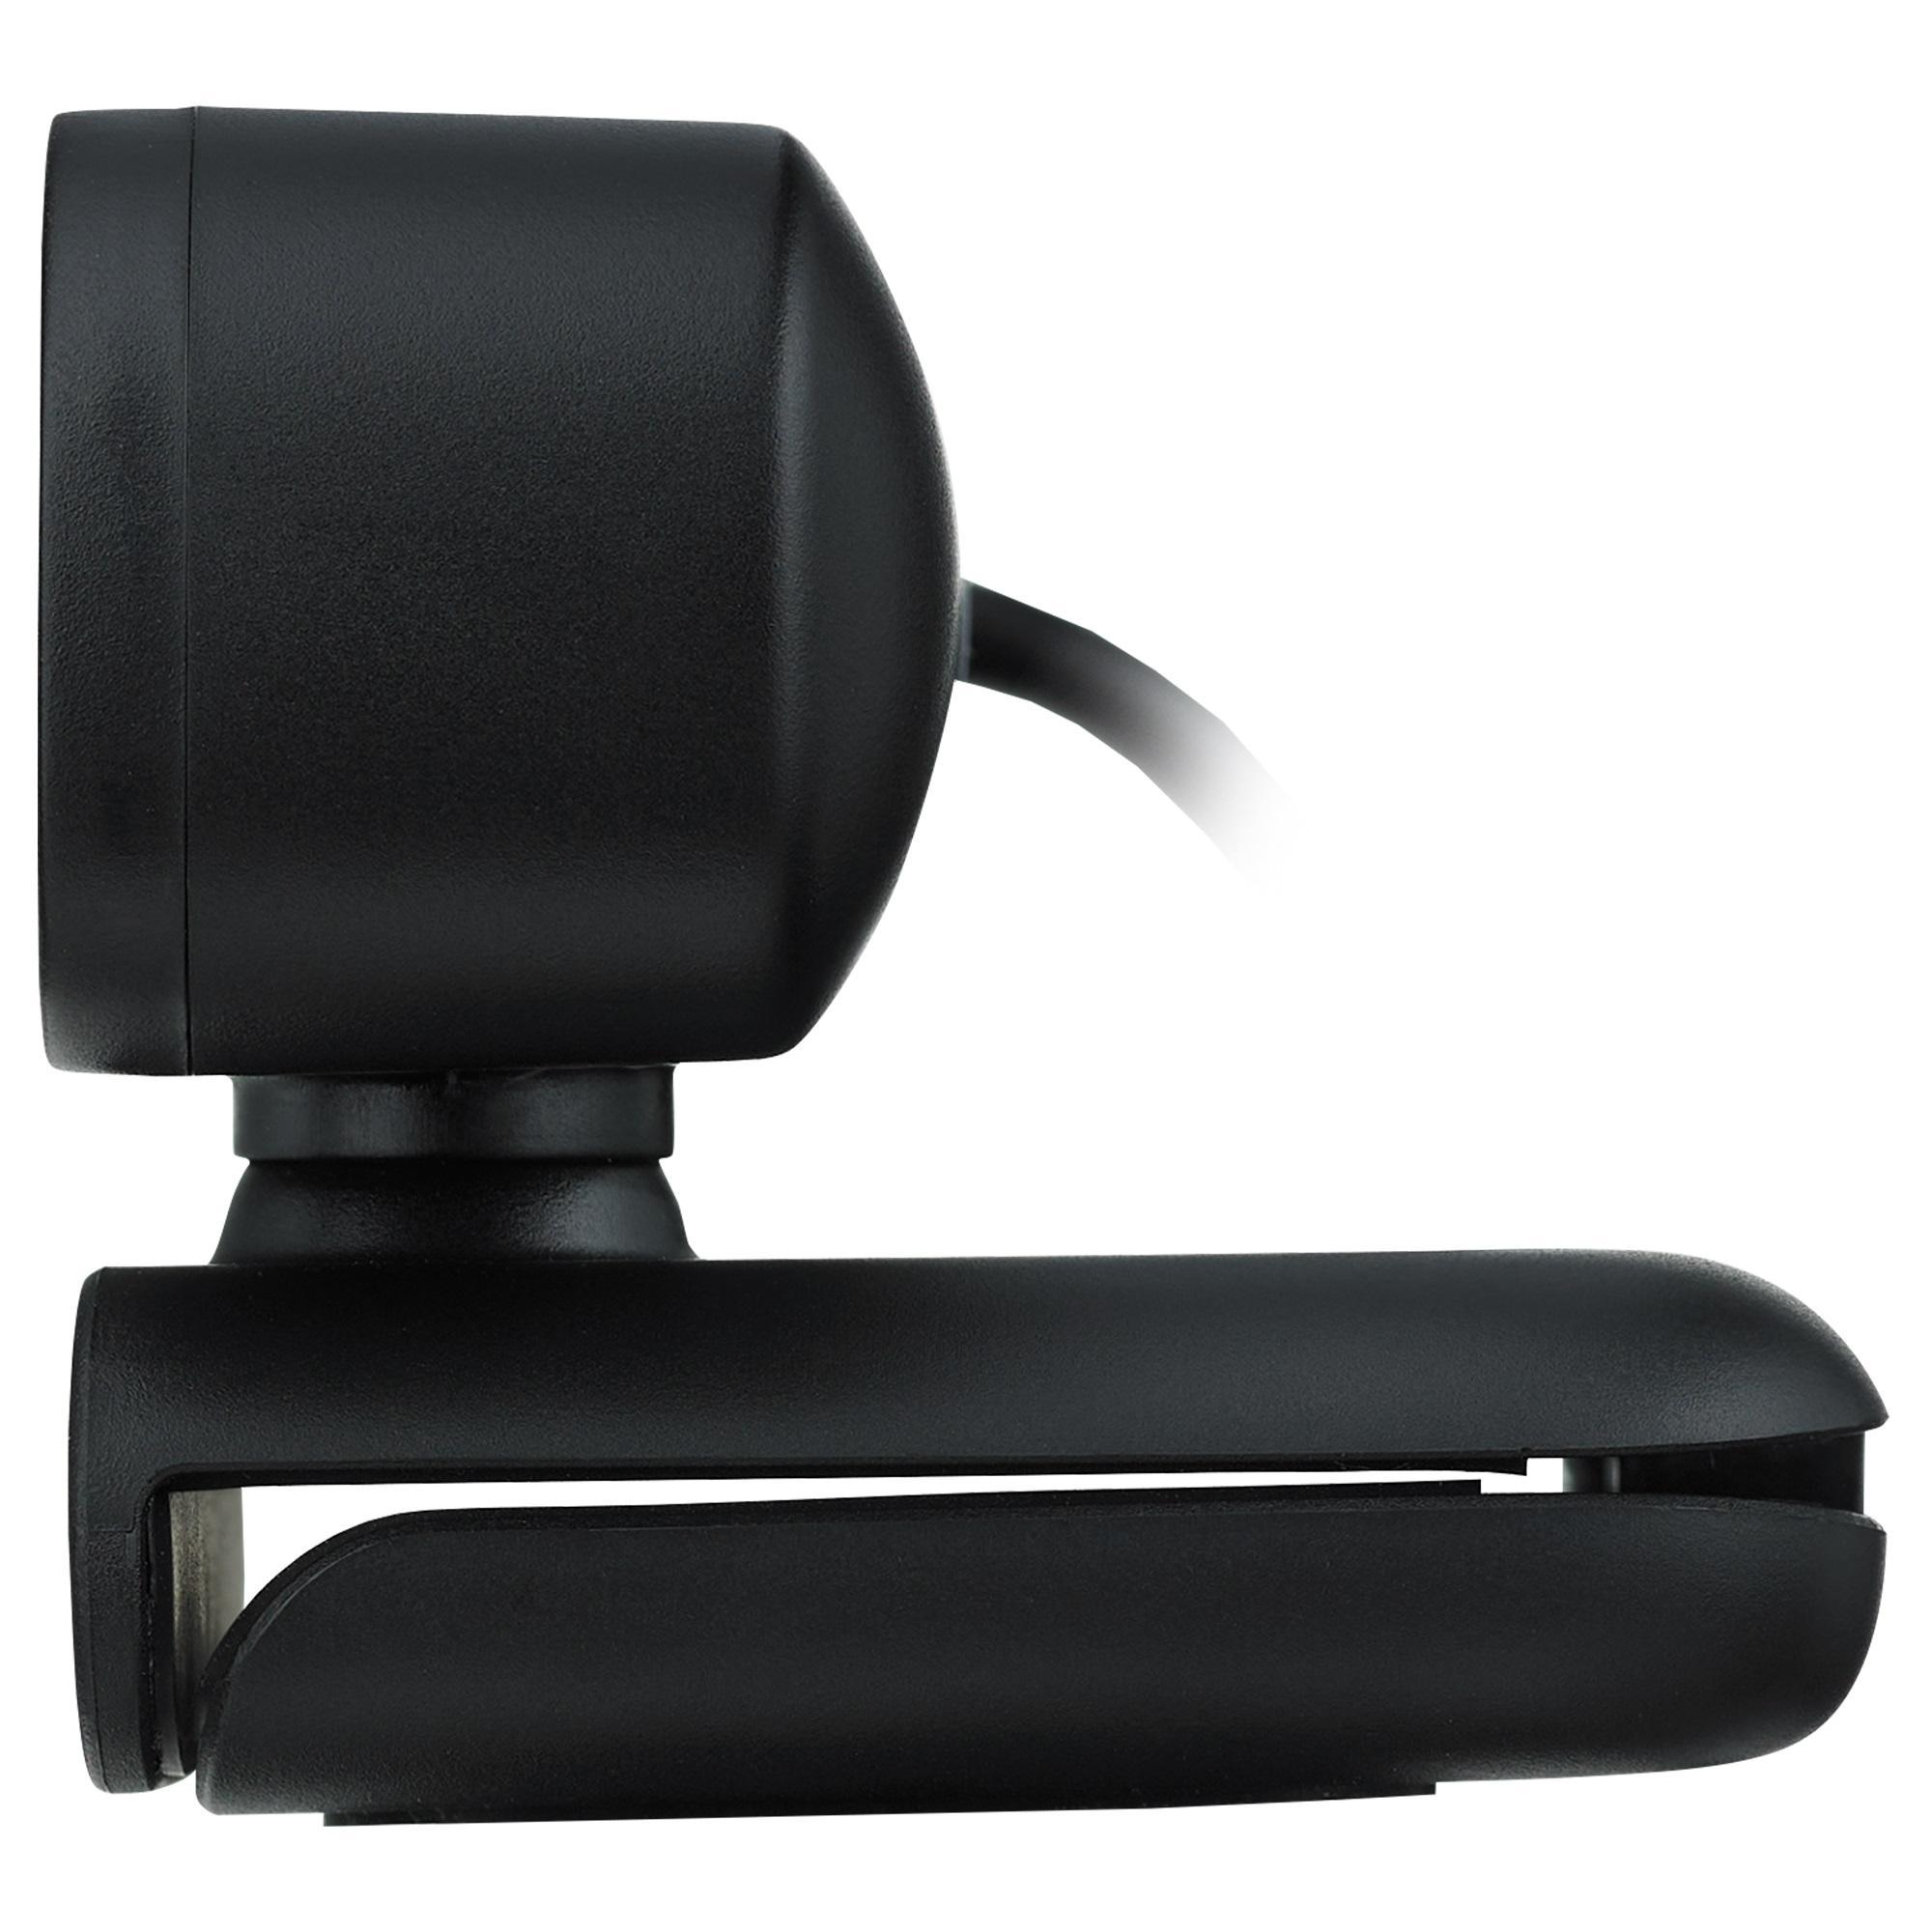 Уеб камера Rapoo XW180, микрофон, HD 1080p, 30 fps, Черен-4